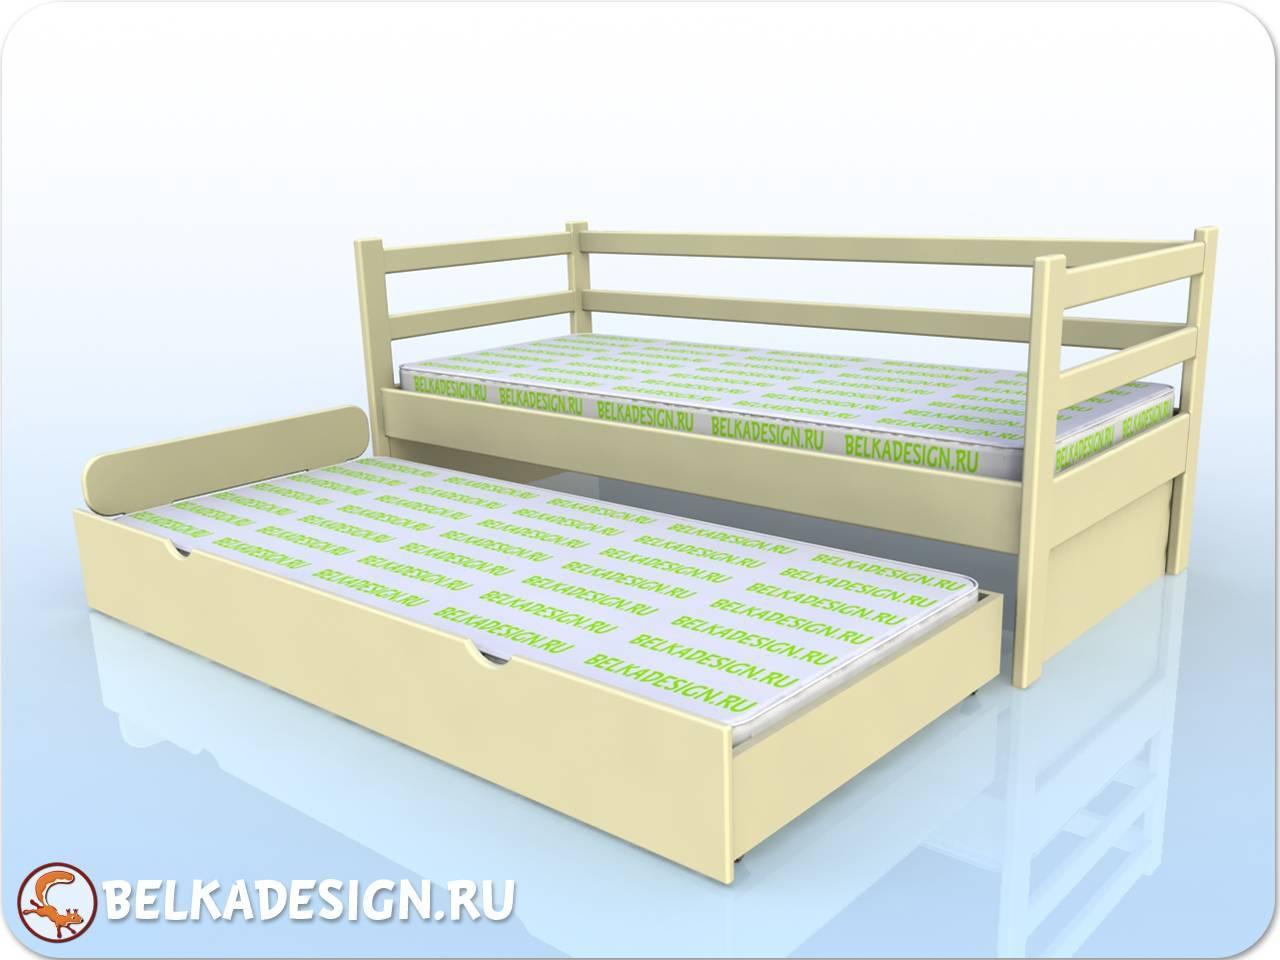 Кровать выкатная - эмаль